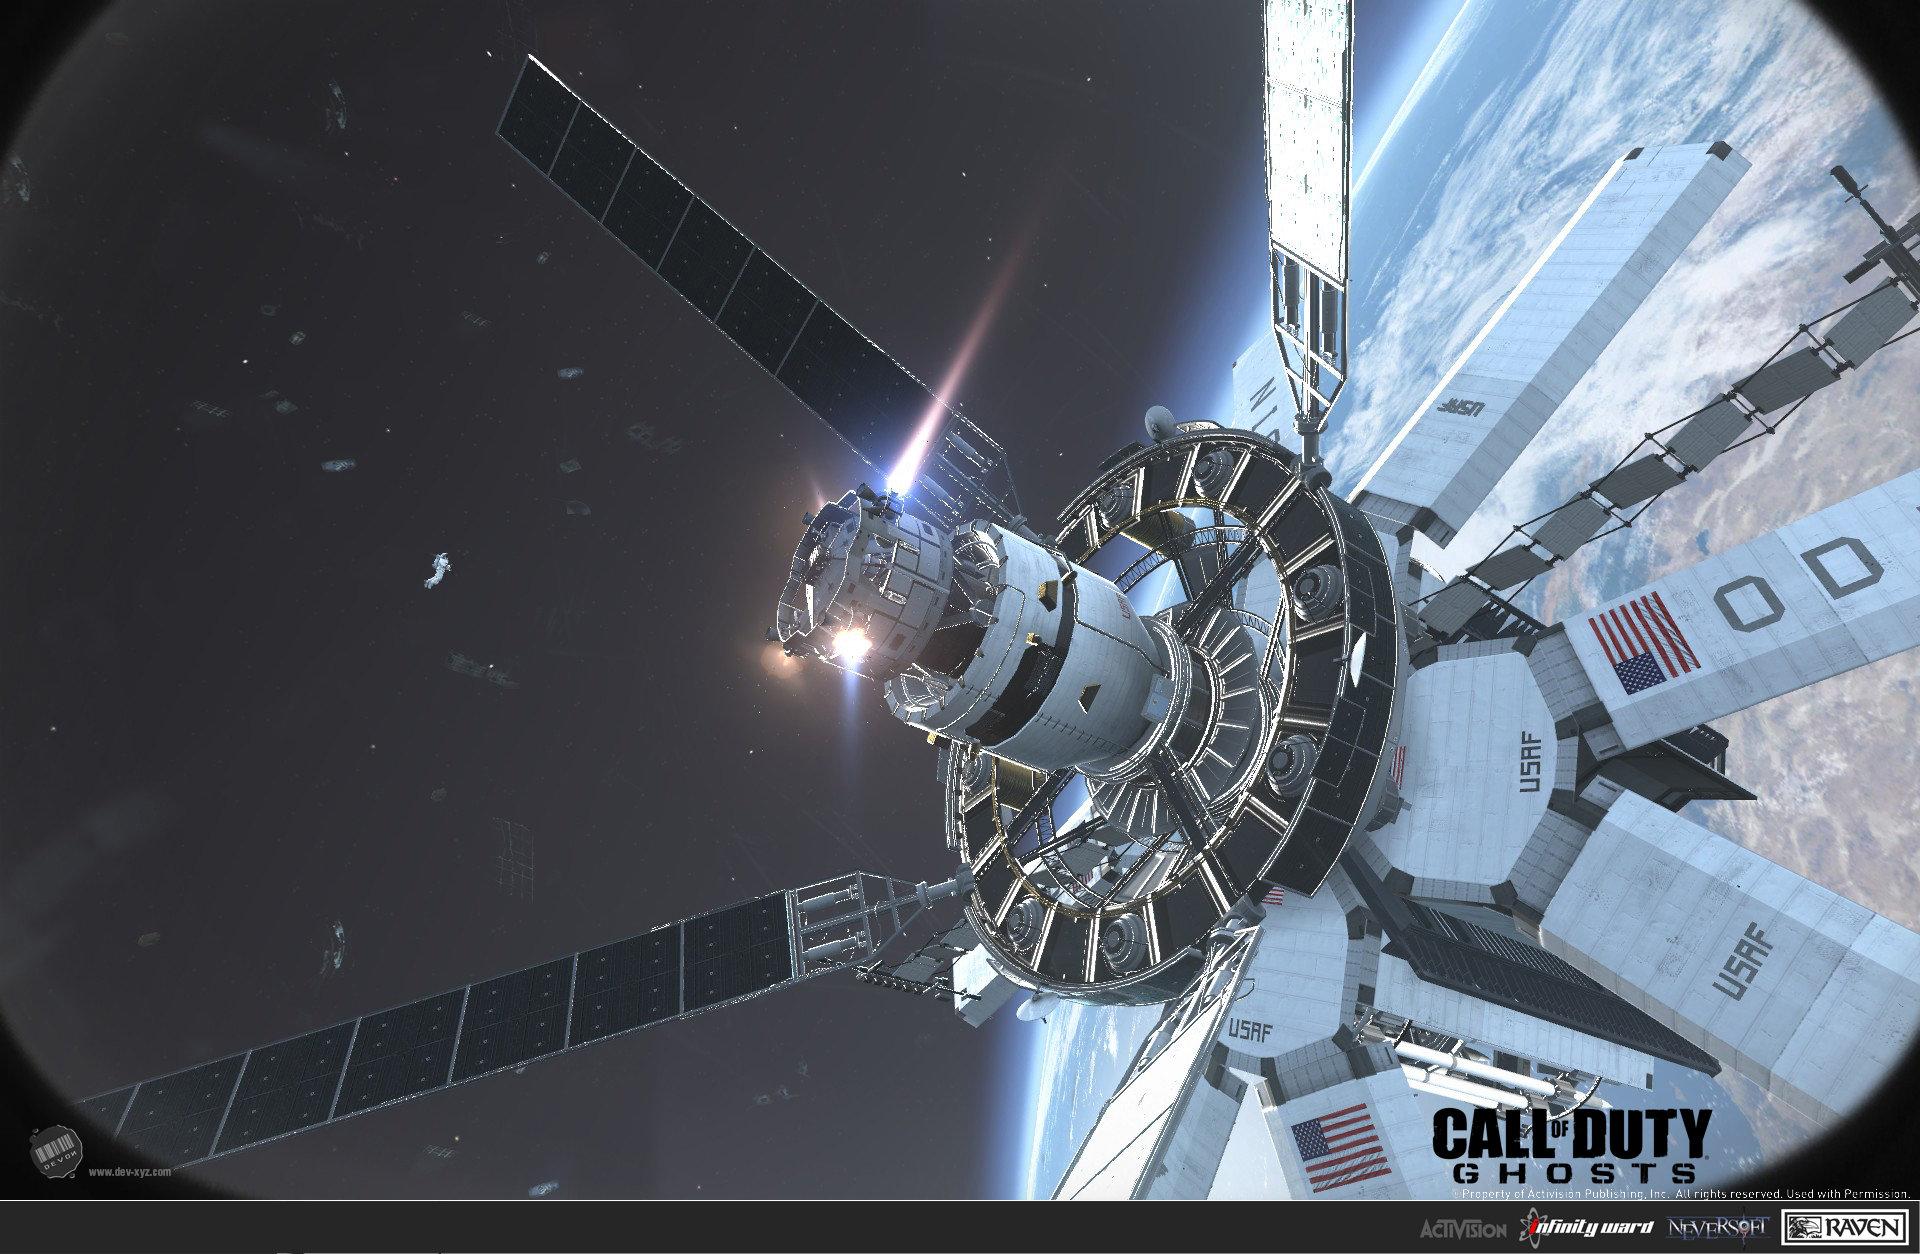 odin space station firing - photo #32